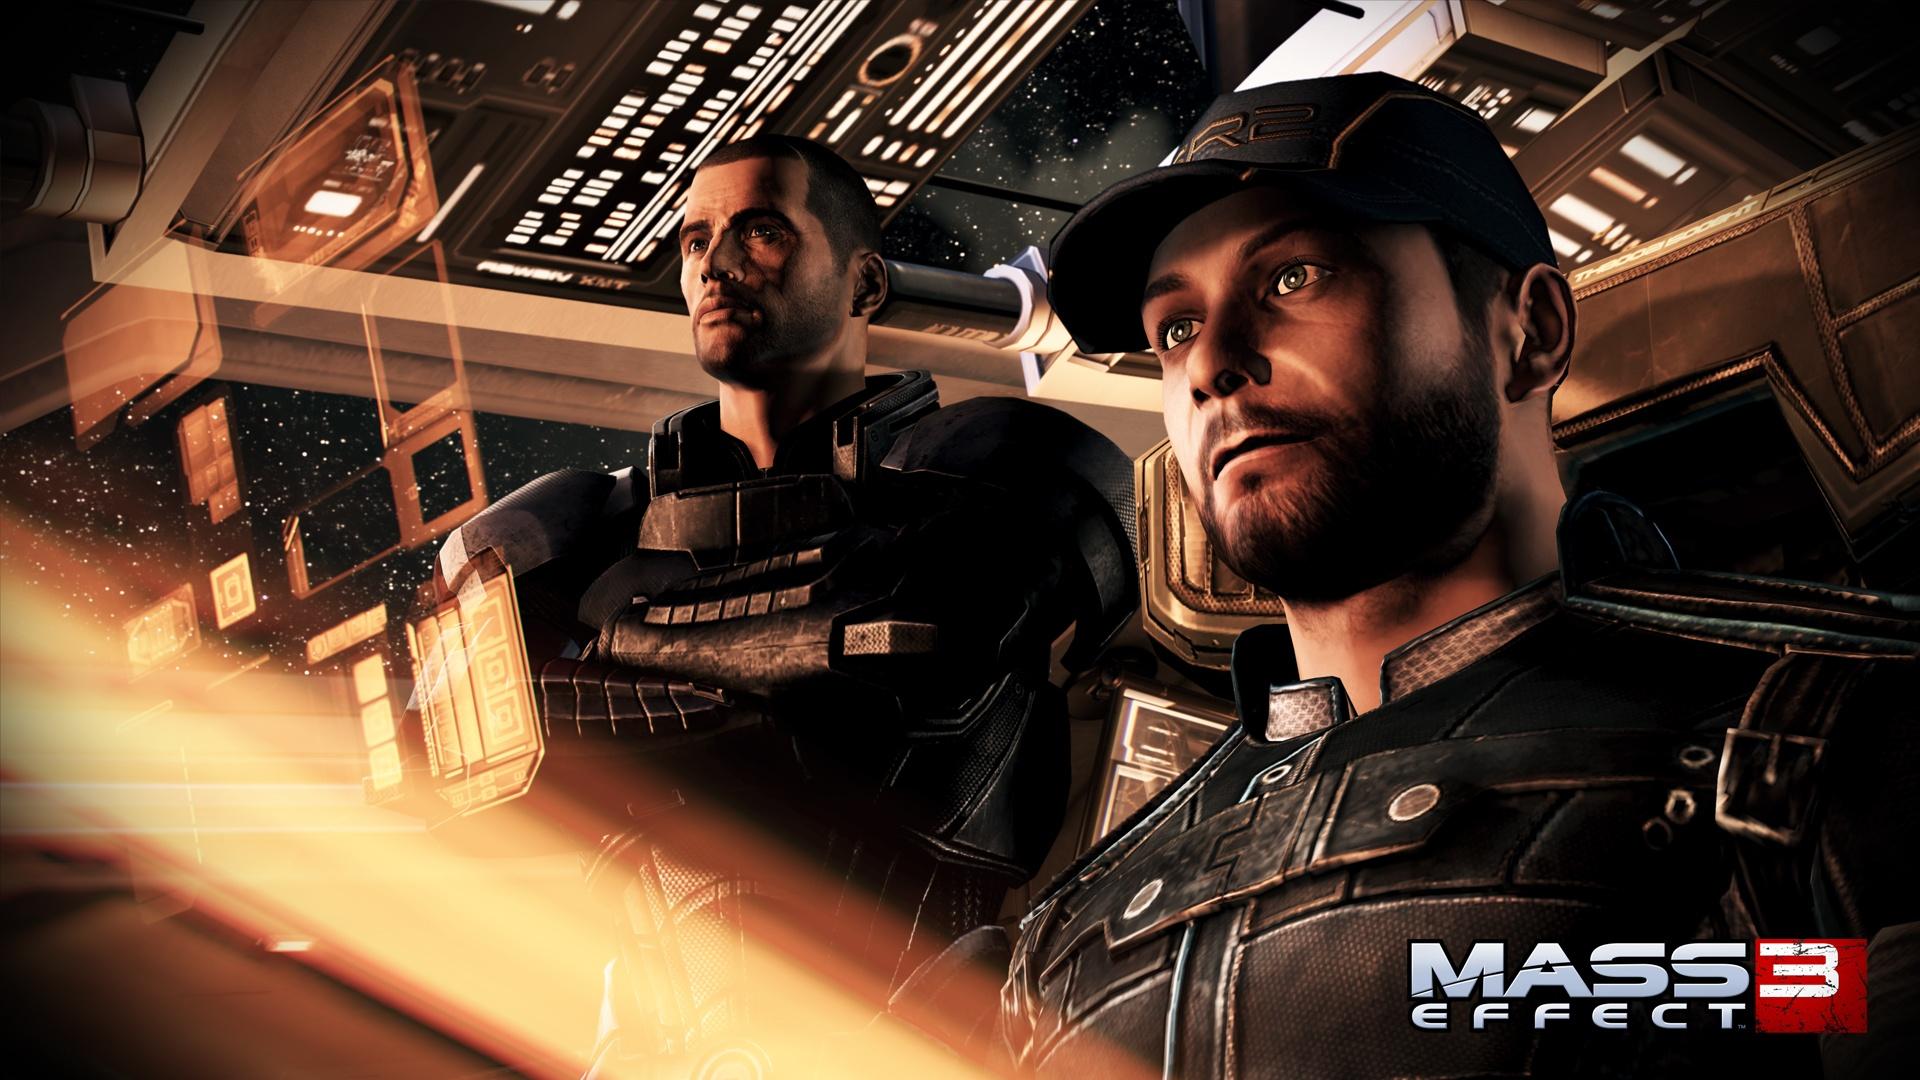 Anunciado Mass Effect 3: Resurgence, DLC gratis para el modo multijugador [Vídeo]